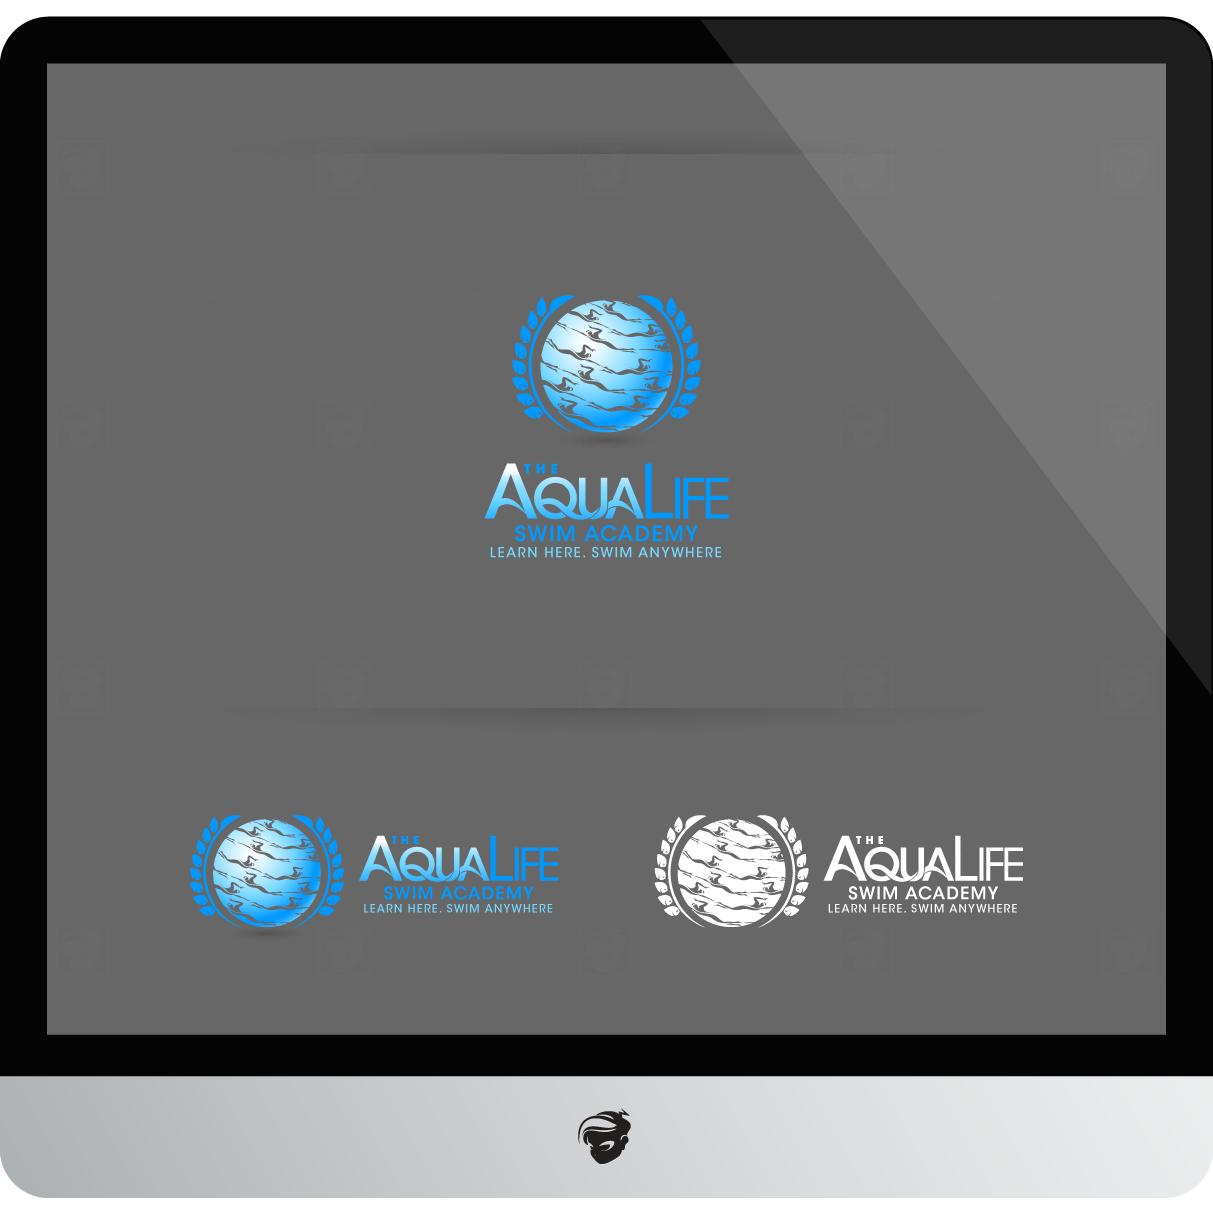 Logo Design by zesthar - Entry No. 179 in the Logo Design Contest Artistic Logo Design Wanted for The Aqua Life Swim Academy.